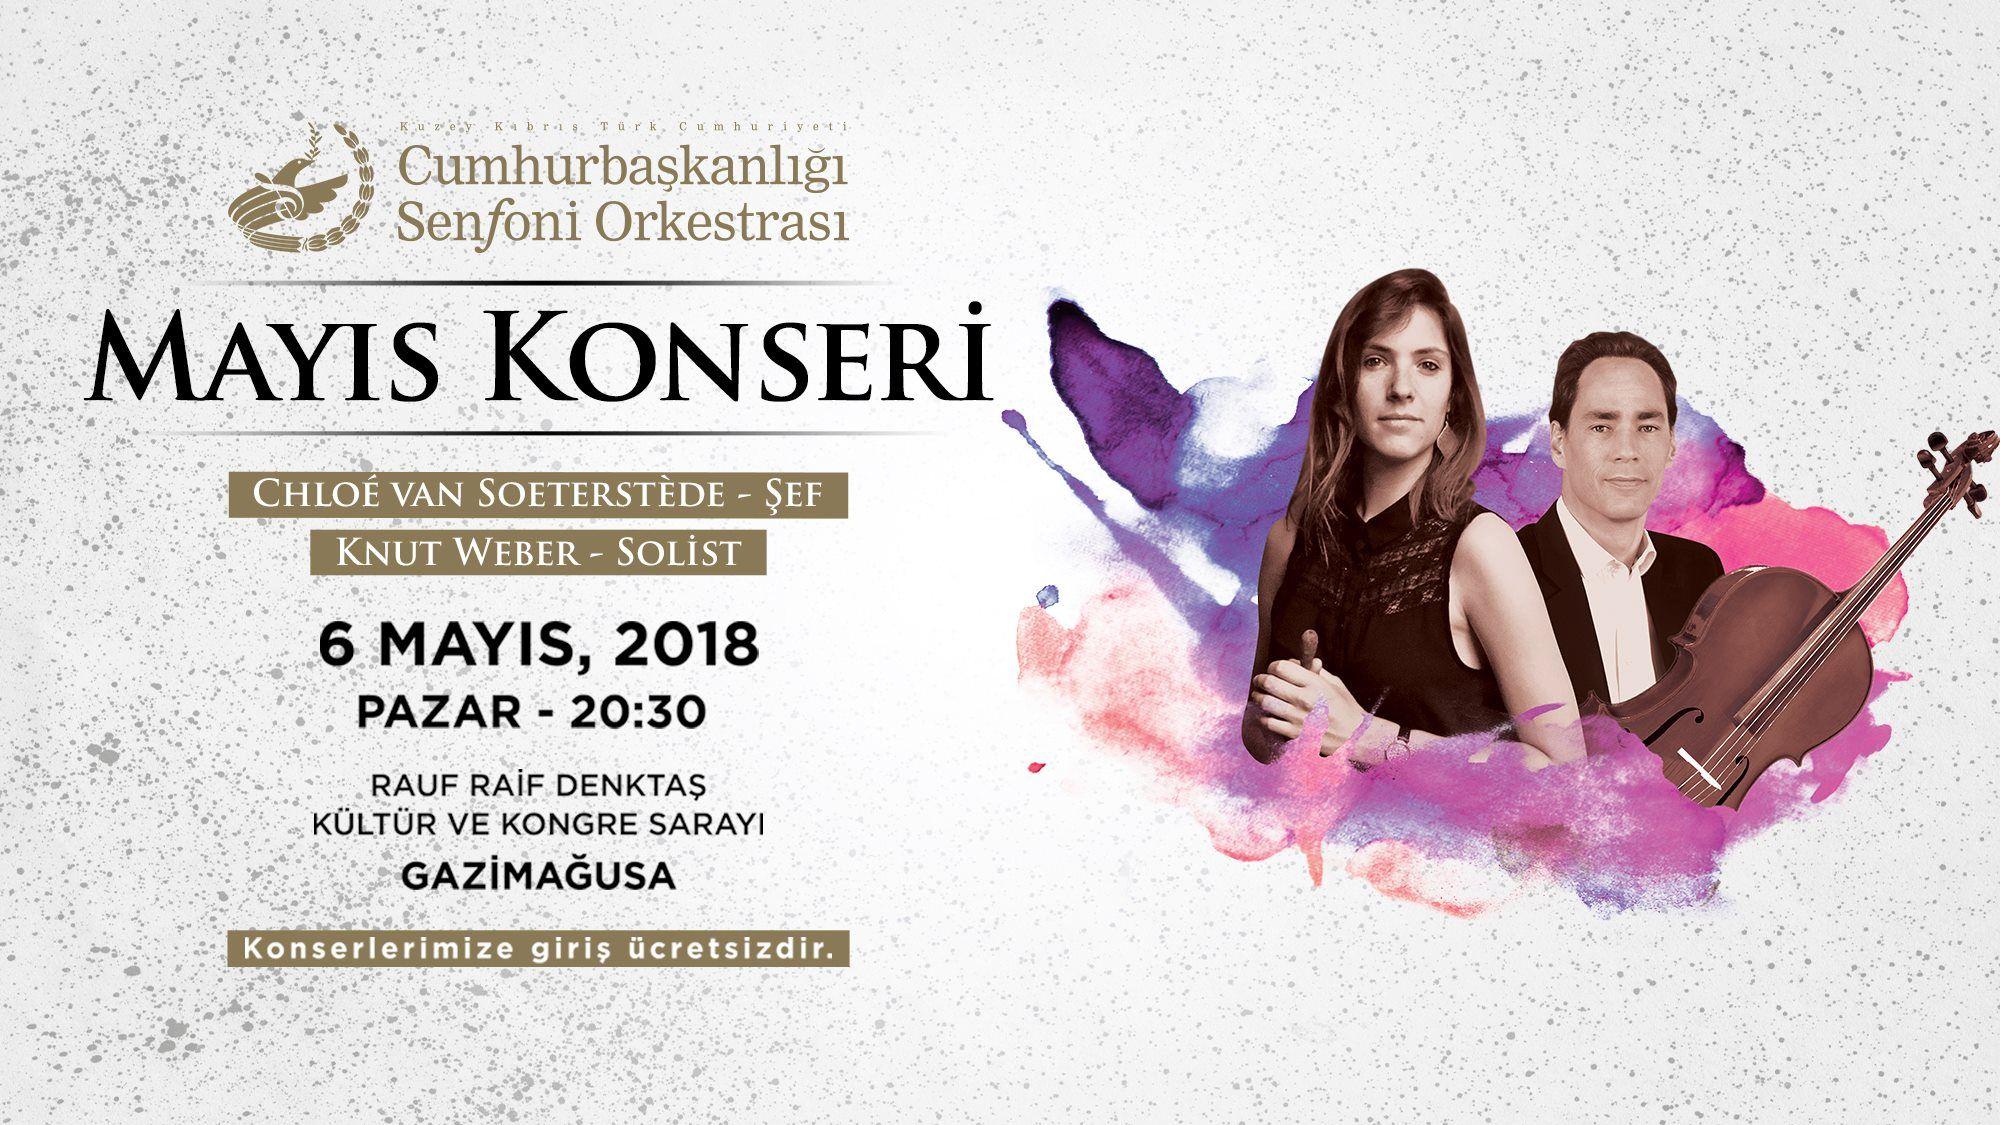 Майский концерт президентского симфонического оркестра